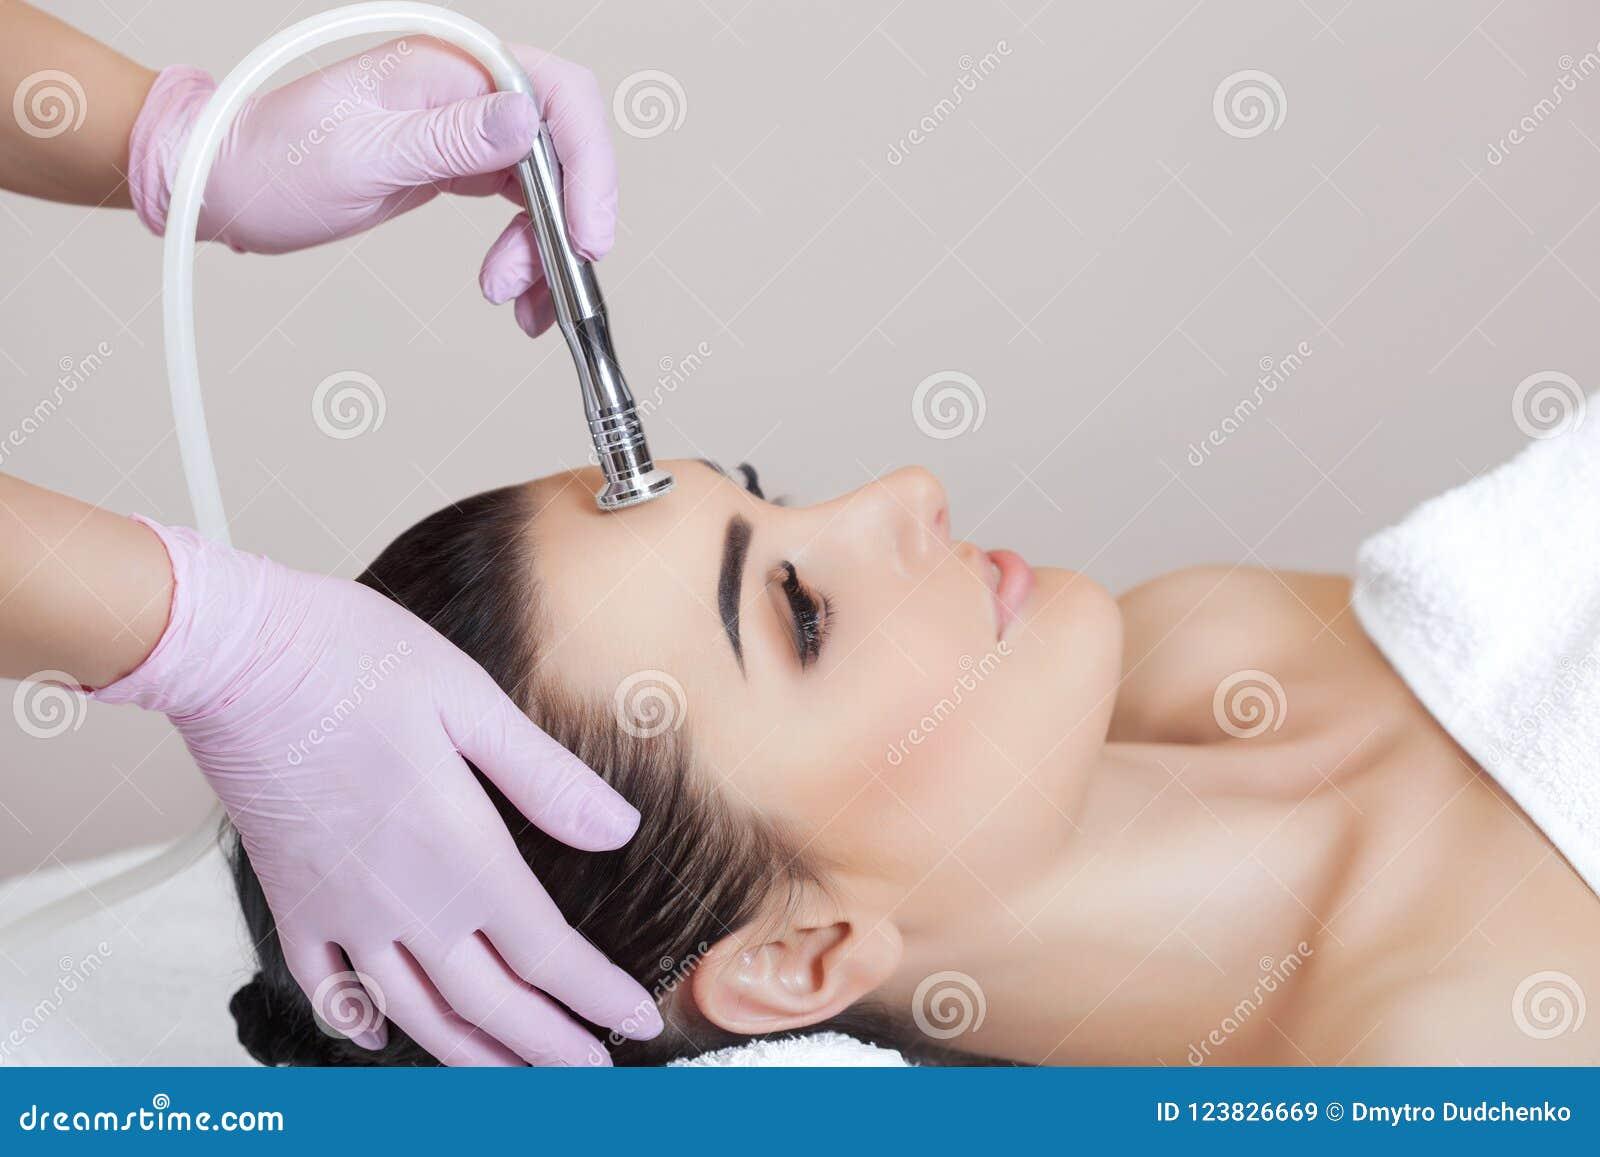 O cosmetologist faz o procedimento Microdermabrasion da pele facial de um bonito, jovem mulher em um salão de beleza